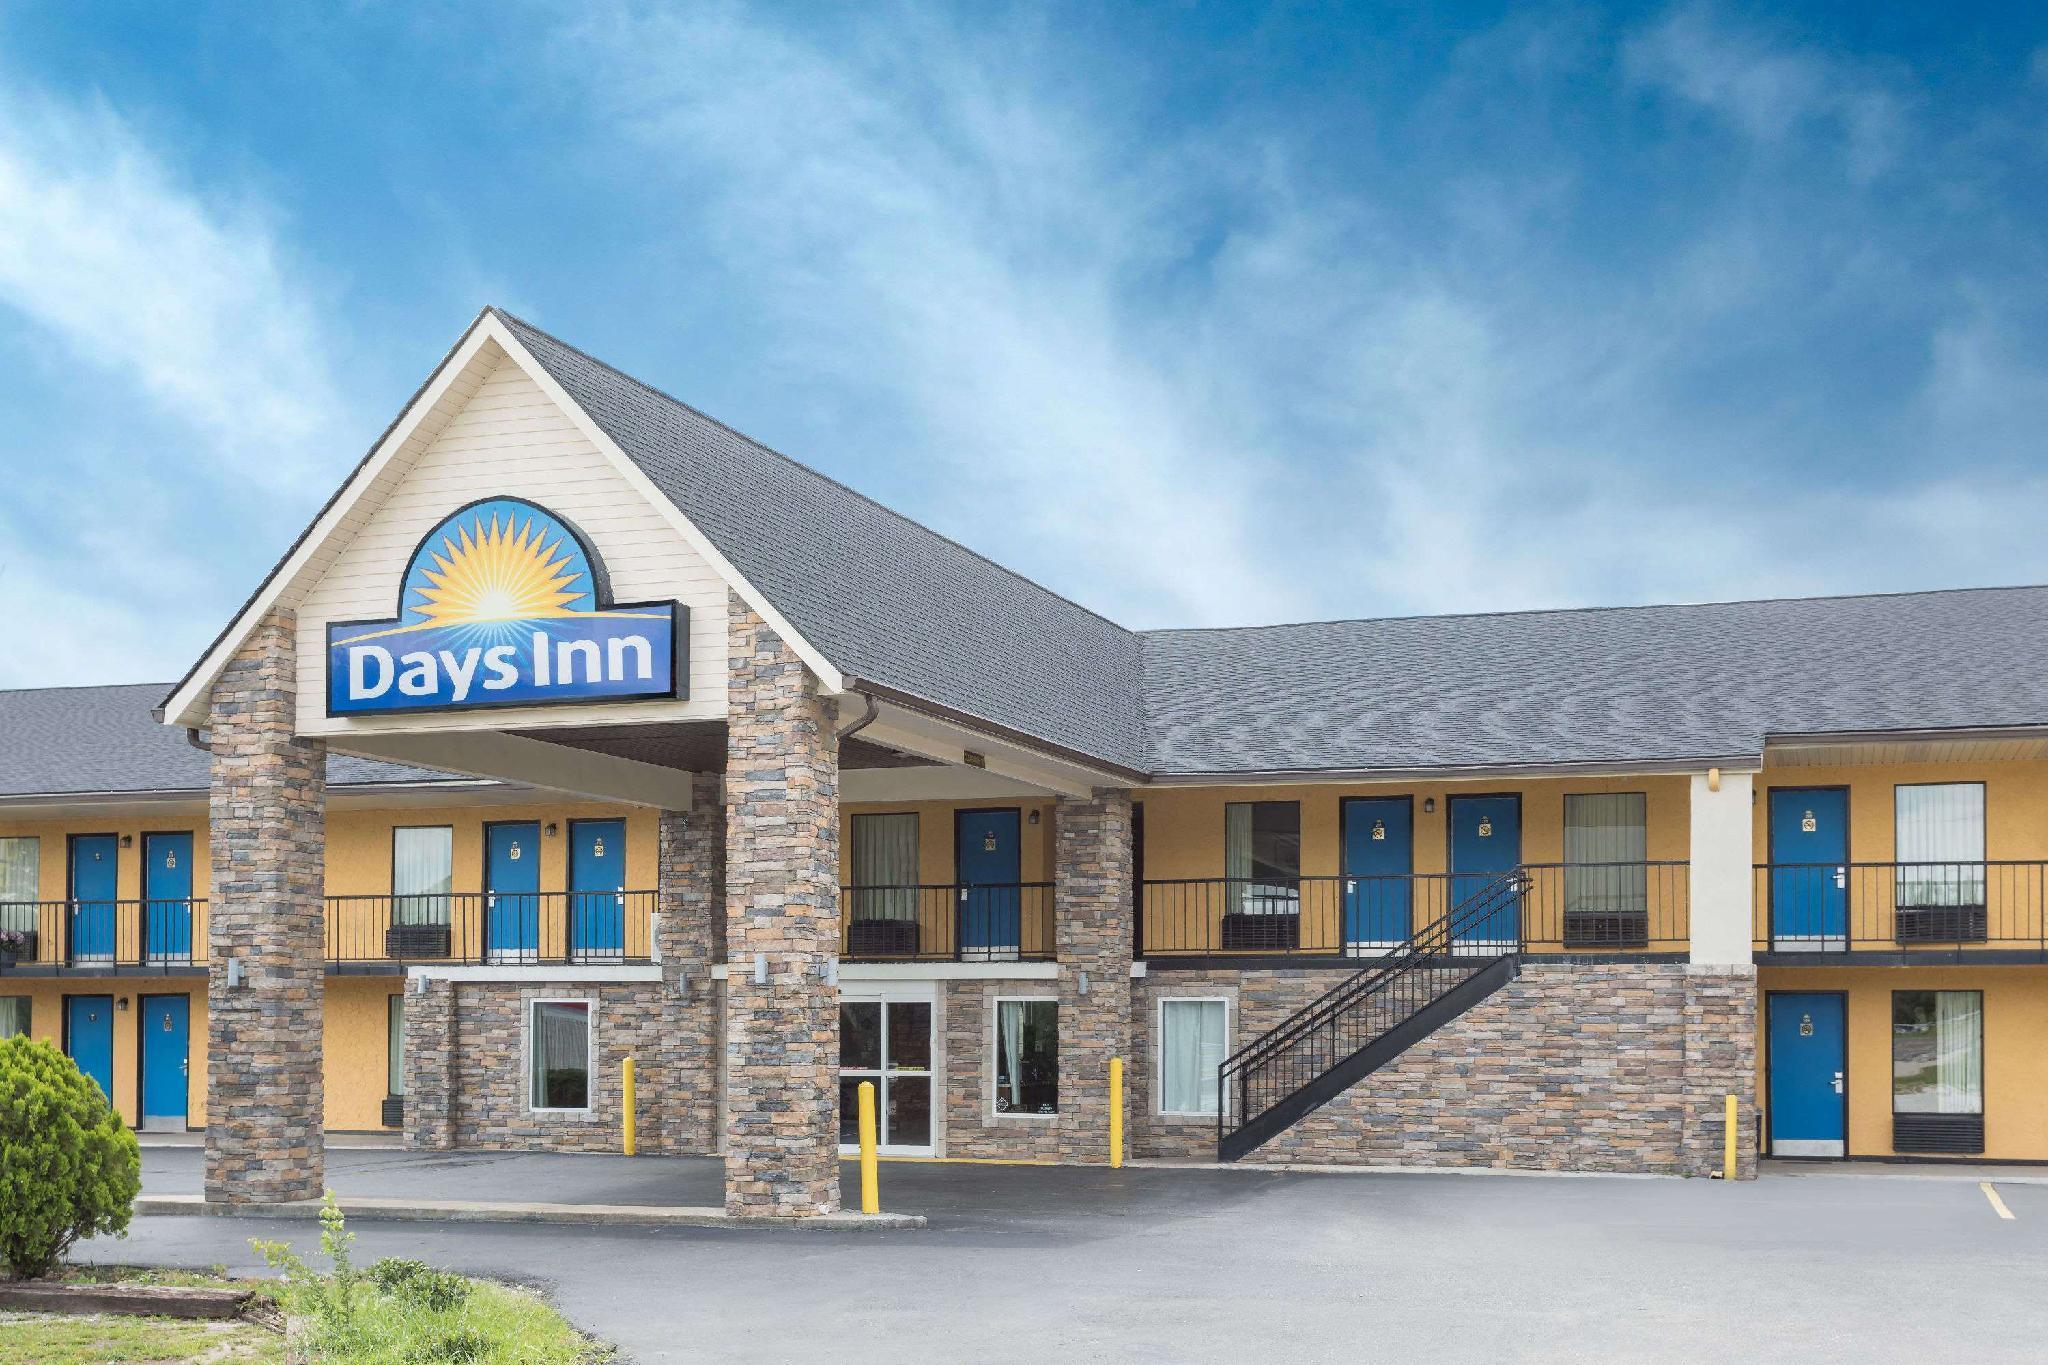 Days Inn By Wyndham Newberry